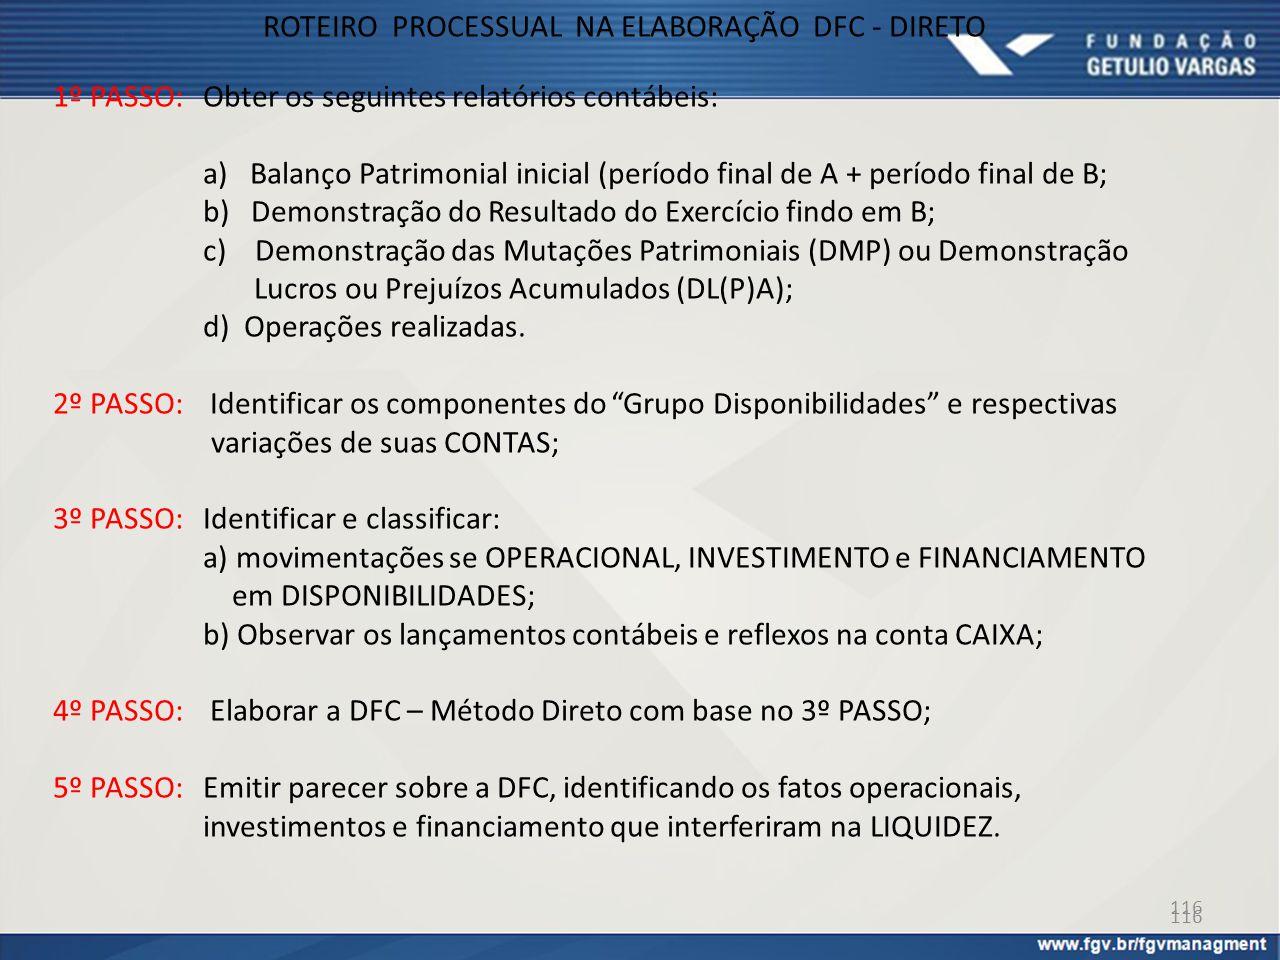 ROTEIRO PROCESSUAL NA ELABORAÇÃO DFC - DIRETO